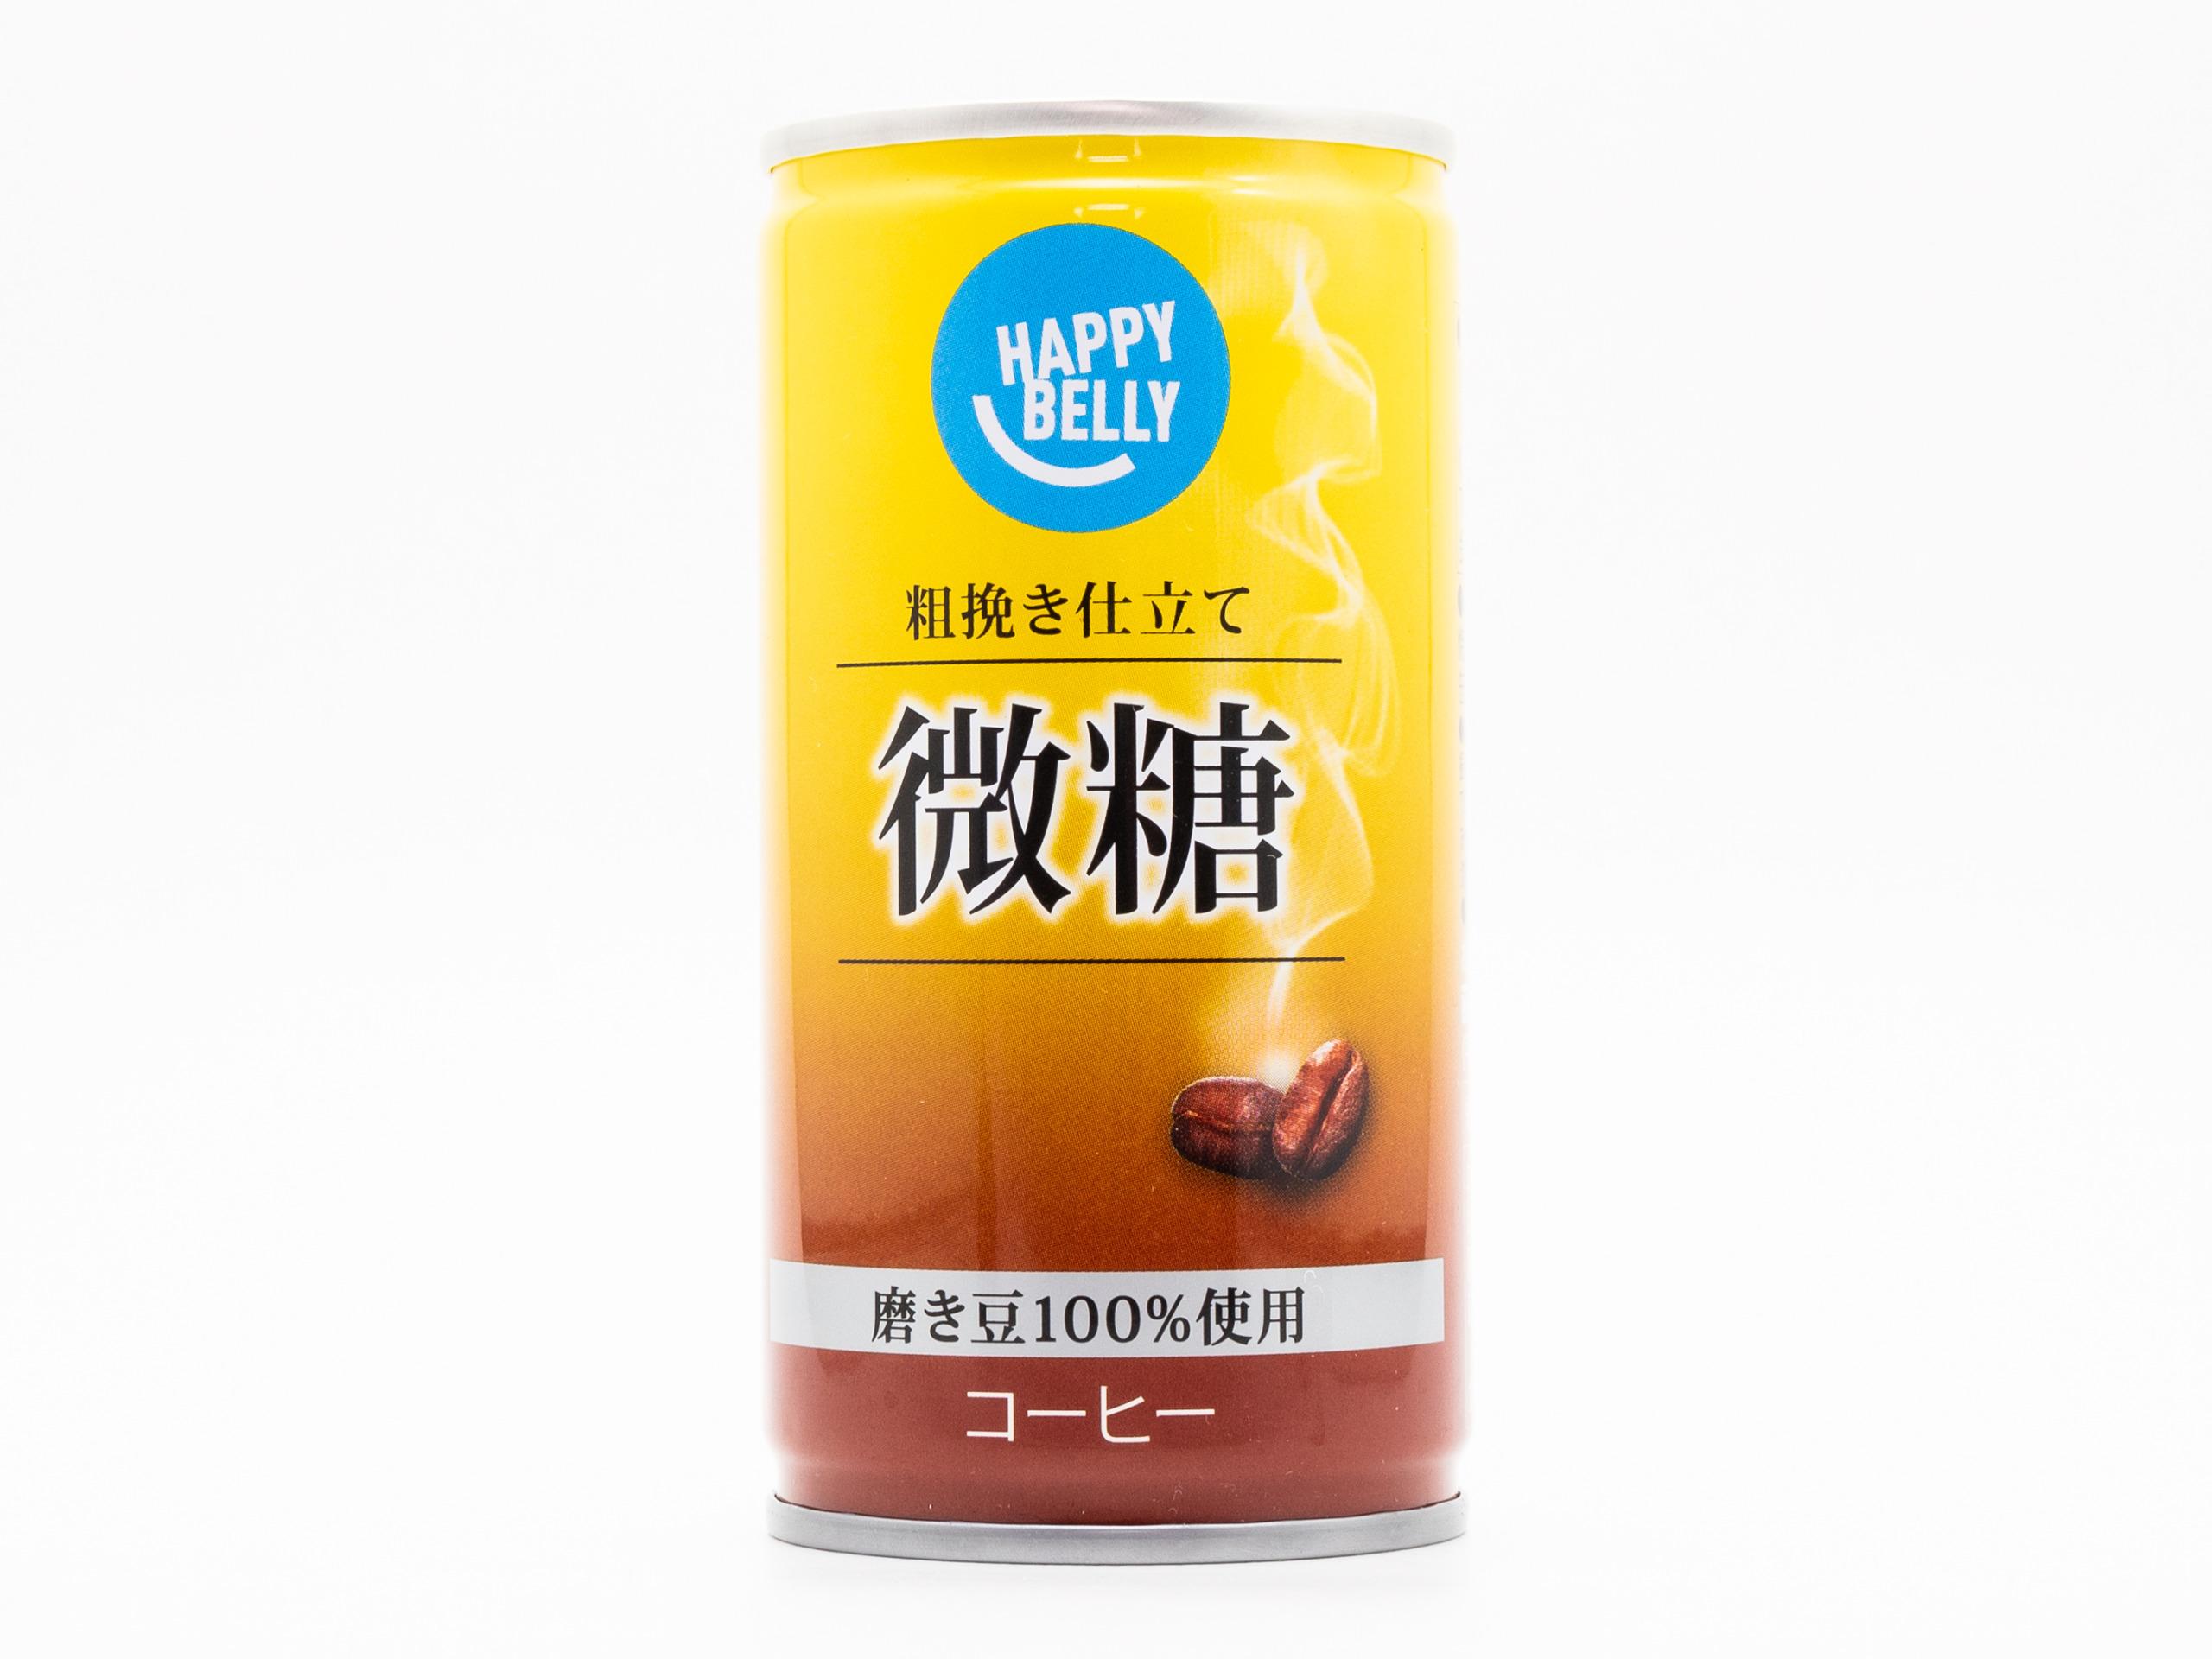 富永食品 Happy Belly 微糖コーヒー